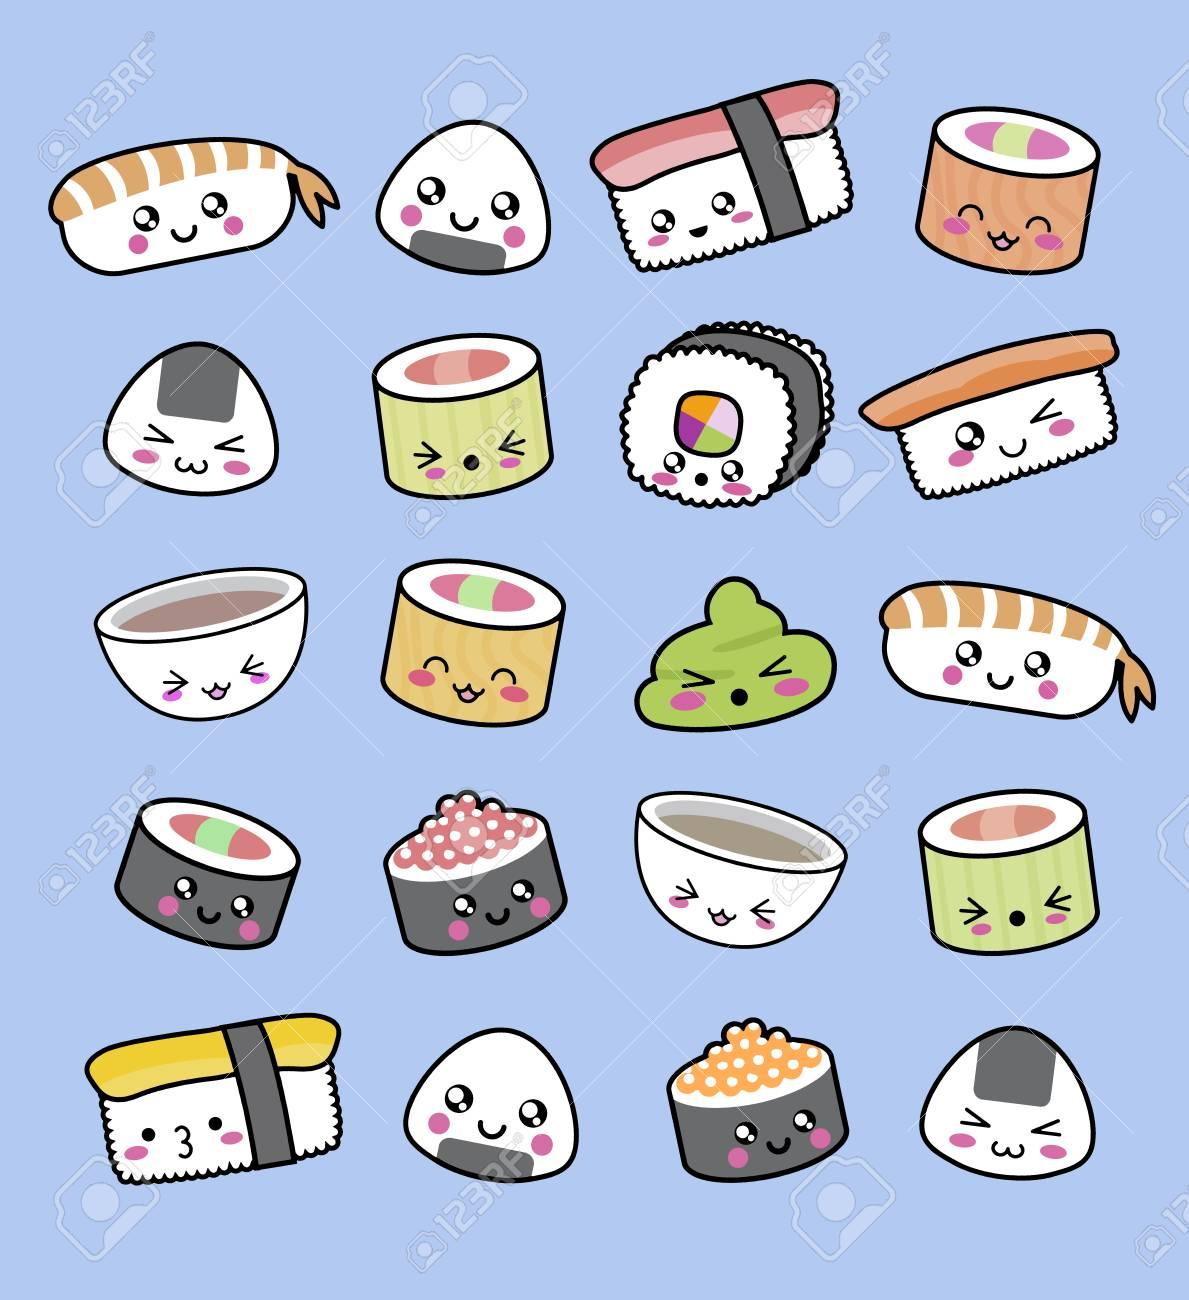 Modèle De Sushi Kawaii Heureux Motif Fait De Sushi De Wasabi Et De Soupe Miso Dans Un Style Kawaii Tout Mignon Enfantin Et Minimaliste